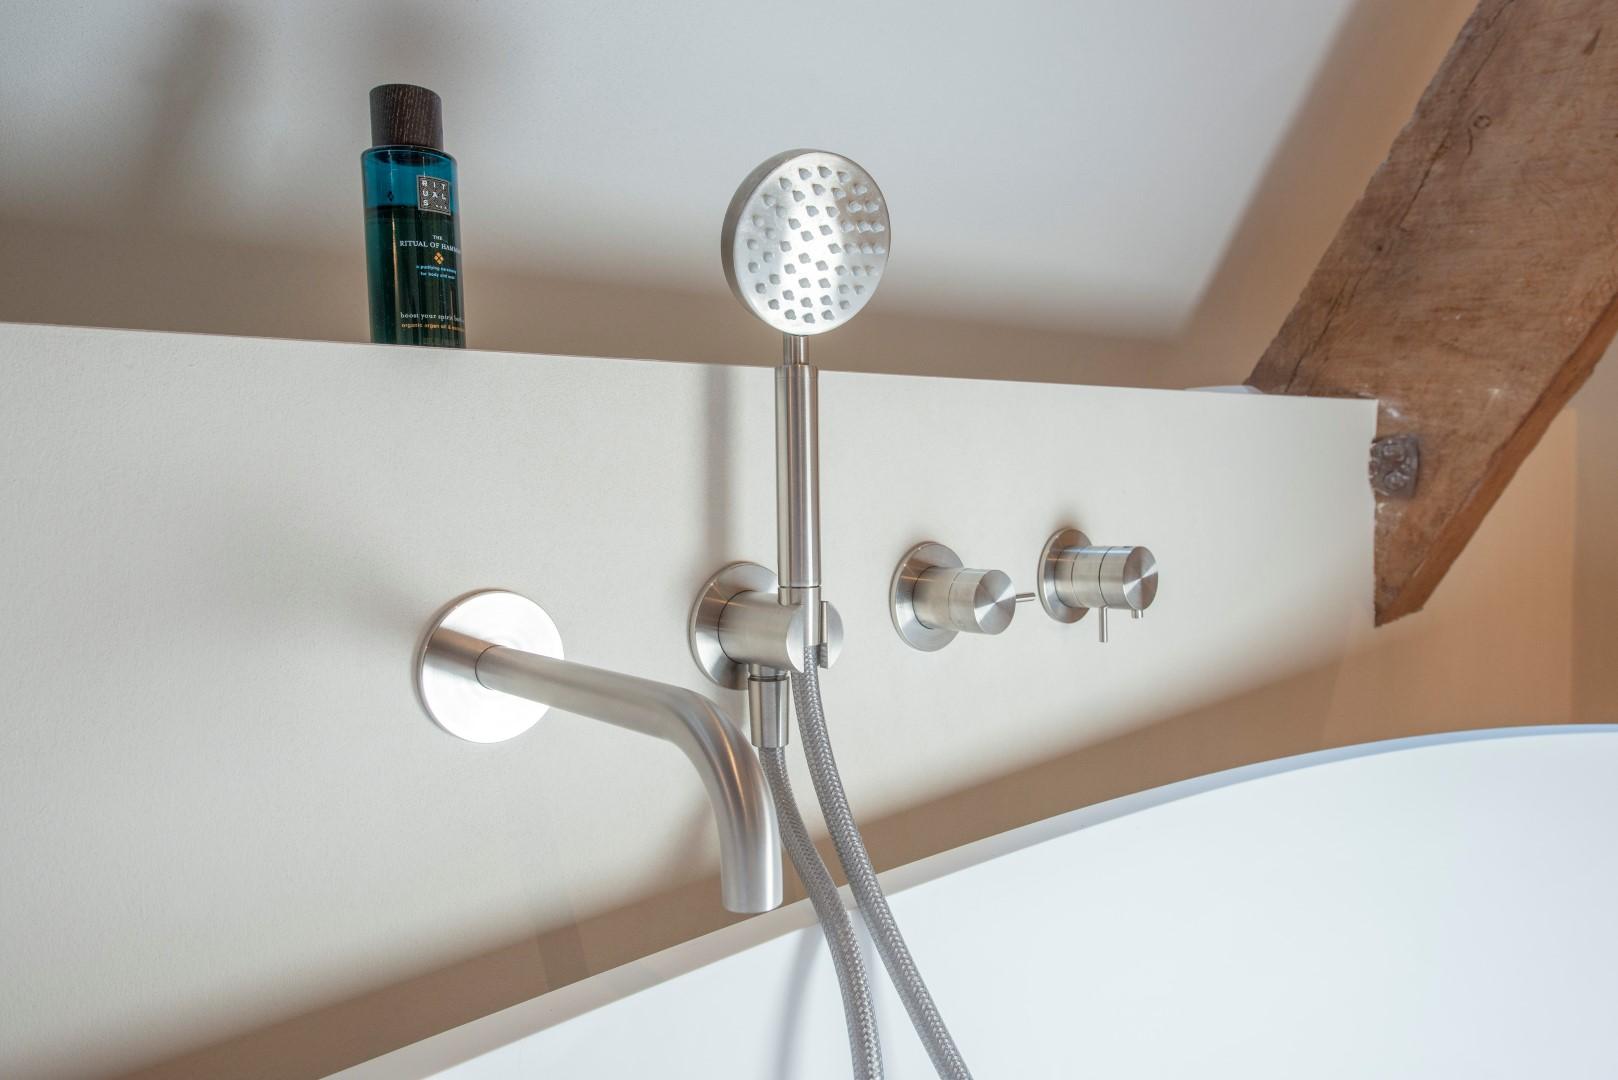 Badkamer in prachtig grachtenpand woonforum.com